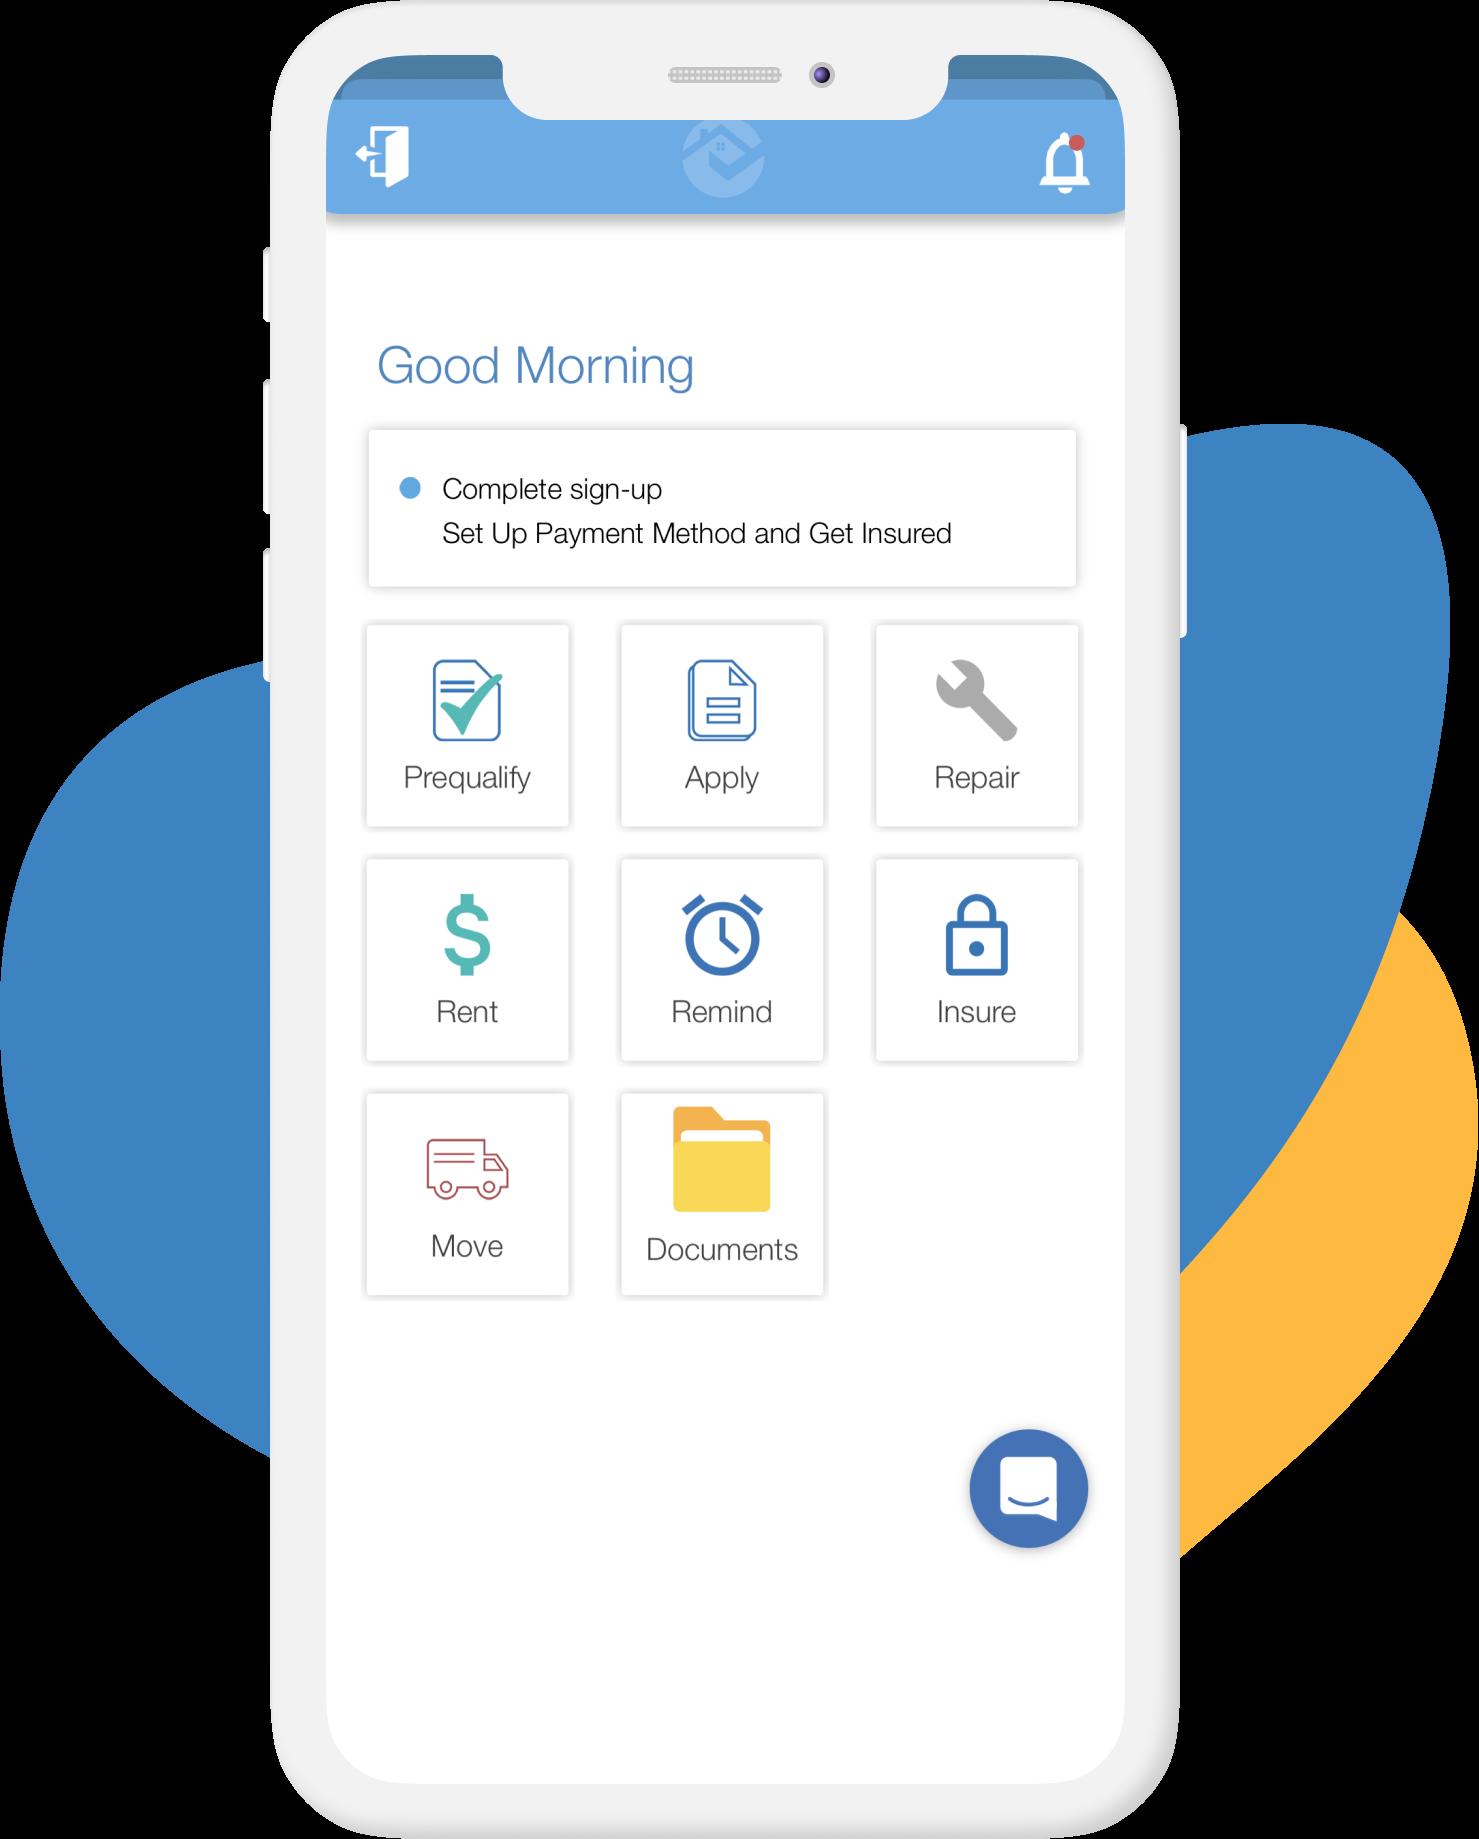 rentredi tenant app home screen